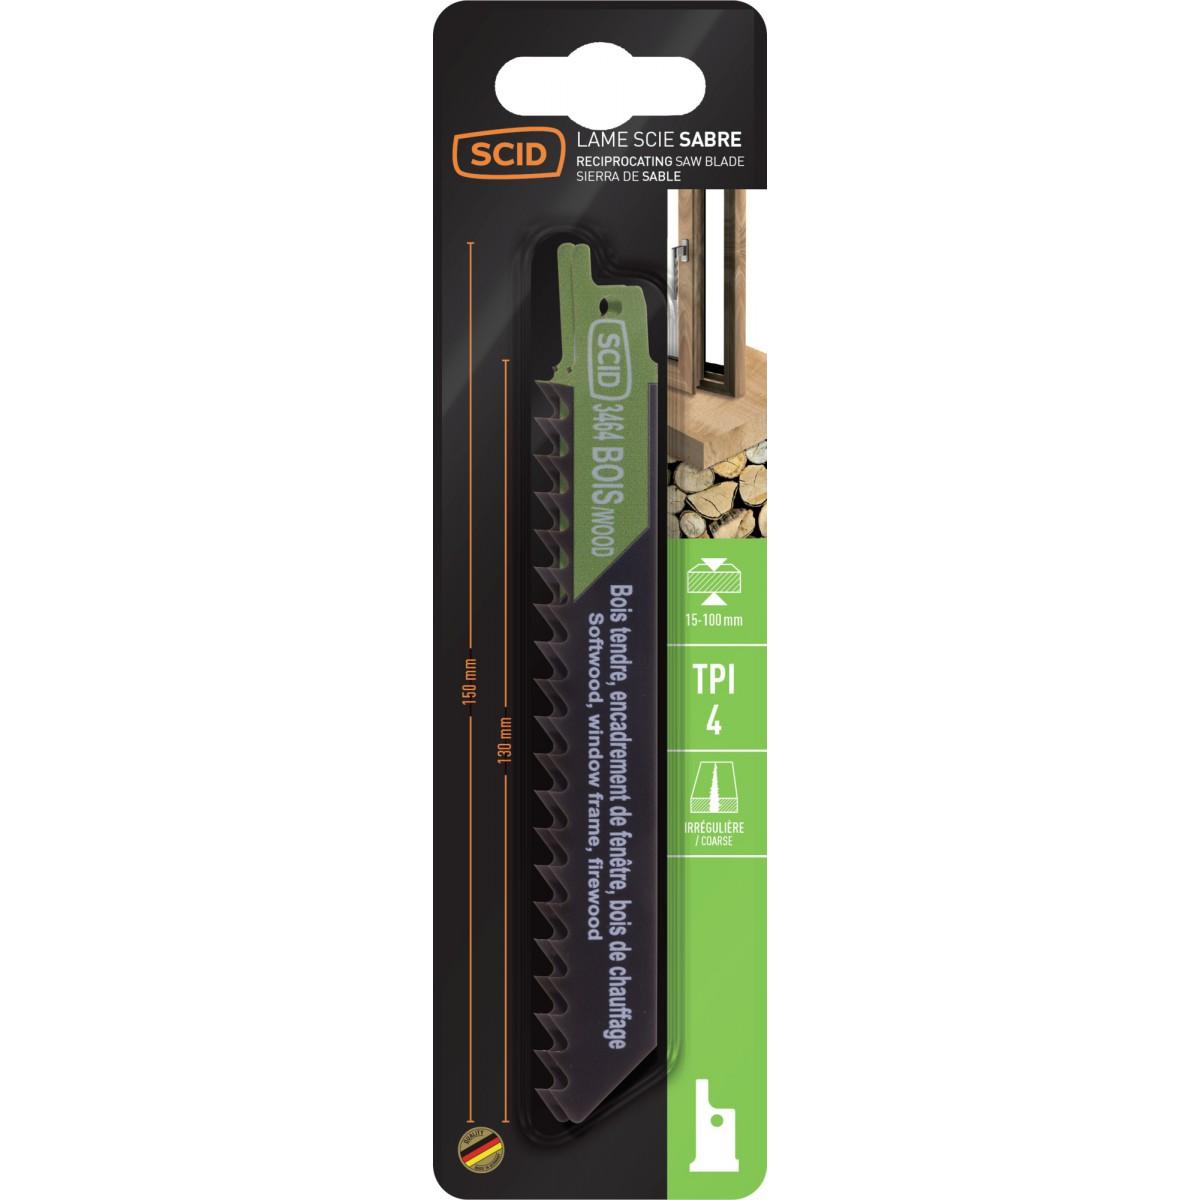 Lame de scie sabre classique bois SCID - Epaisseur 1,2 mm - Longueur 150 mm - Vendu par 2